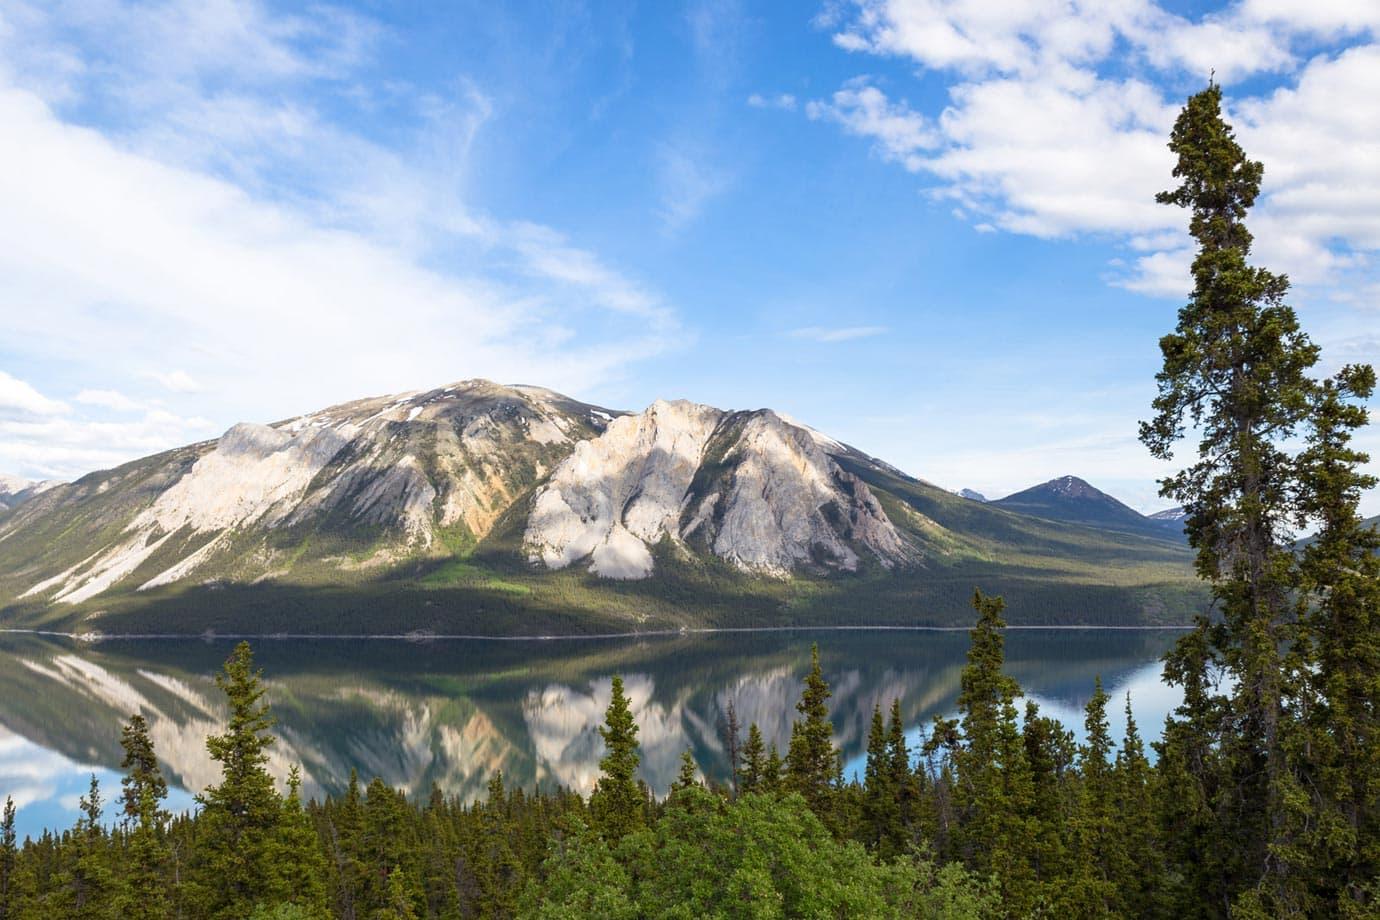 Bove Lake, the Yukon